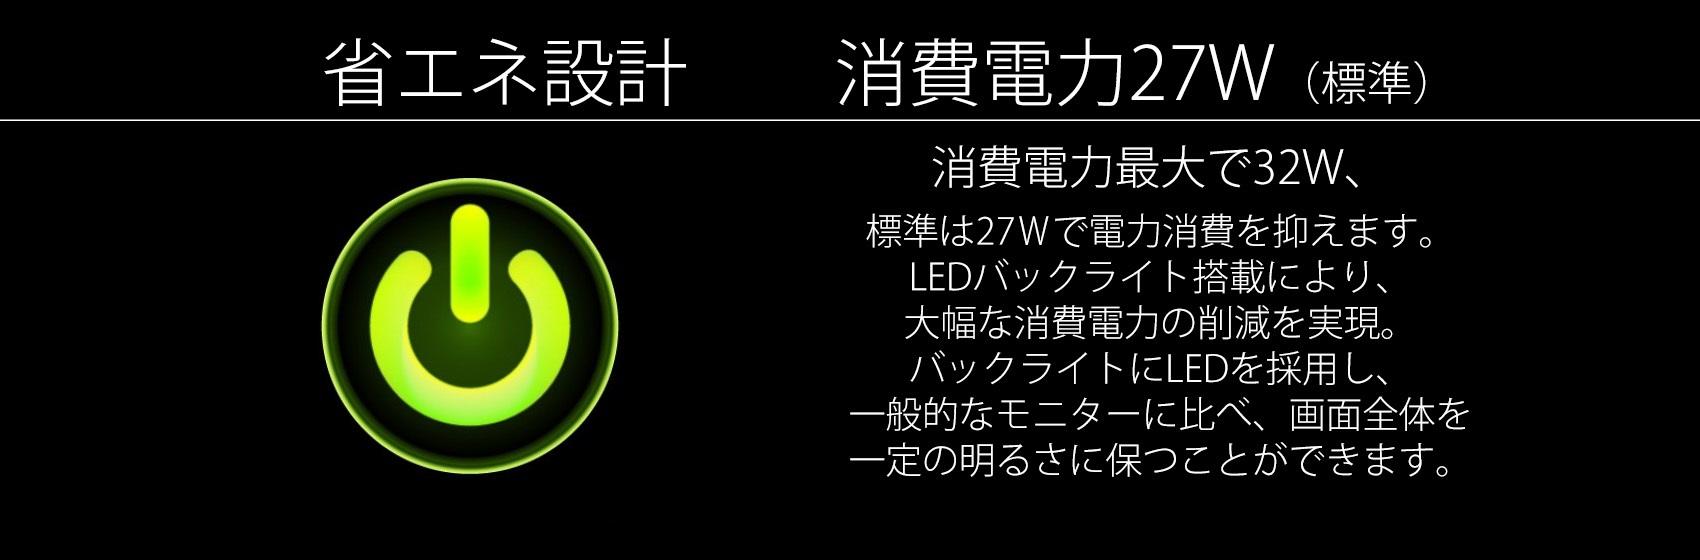 消費電力標準で32W、 LEDバックライト搭載により、 大幅な消費電力の削減を実現。 バックライトにLEDを採用し、 一般的なモニターに比べ、画面全体を 一定の明るさに保つことができます。